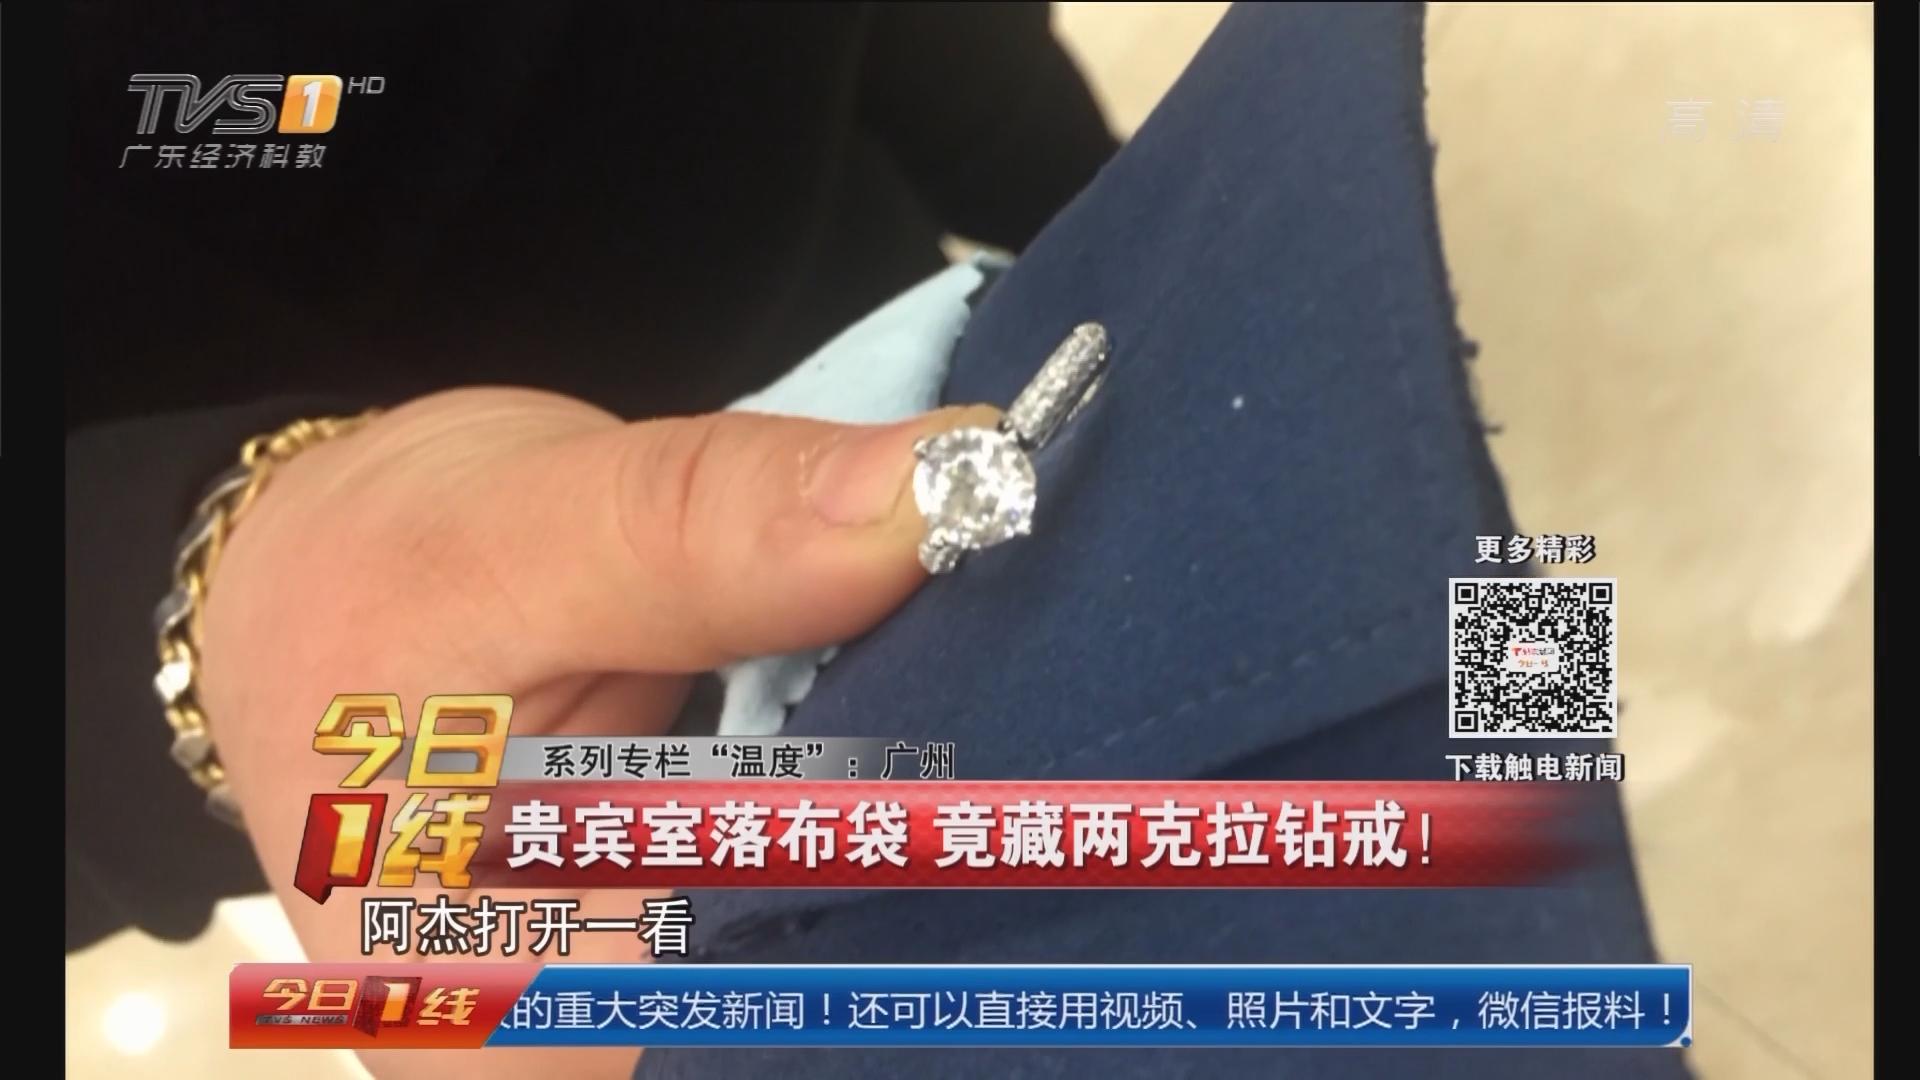 """系列专栏""""温度"""":广州 贵宾室落布袋 竟藏两克拉钻戒!"""